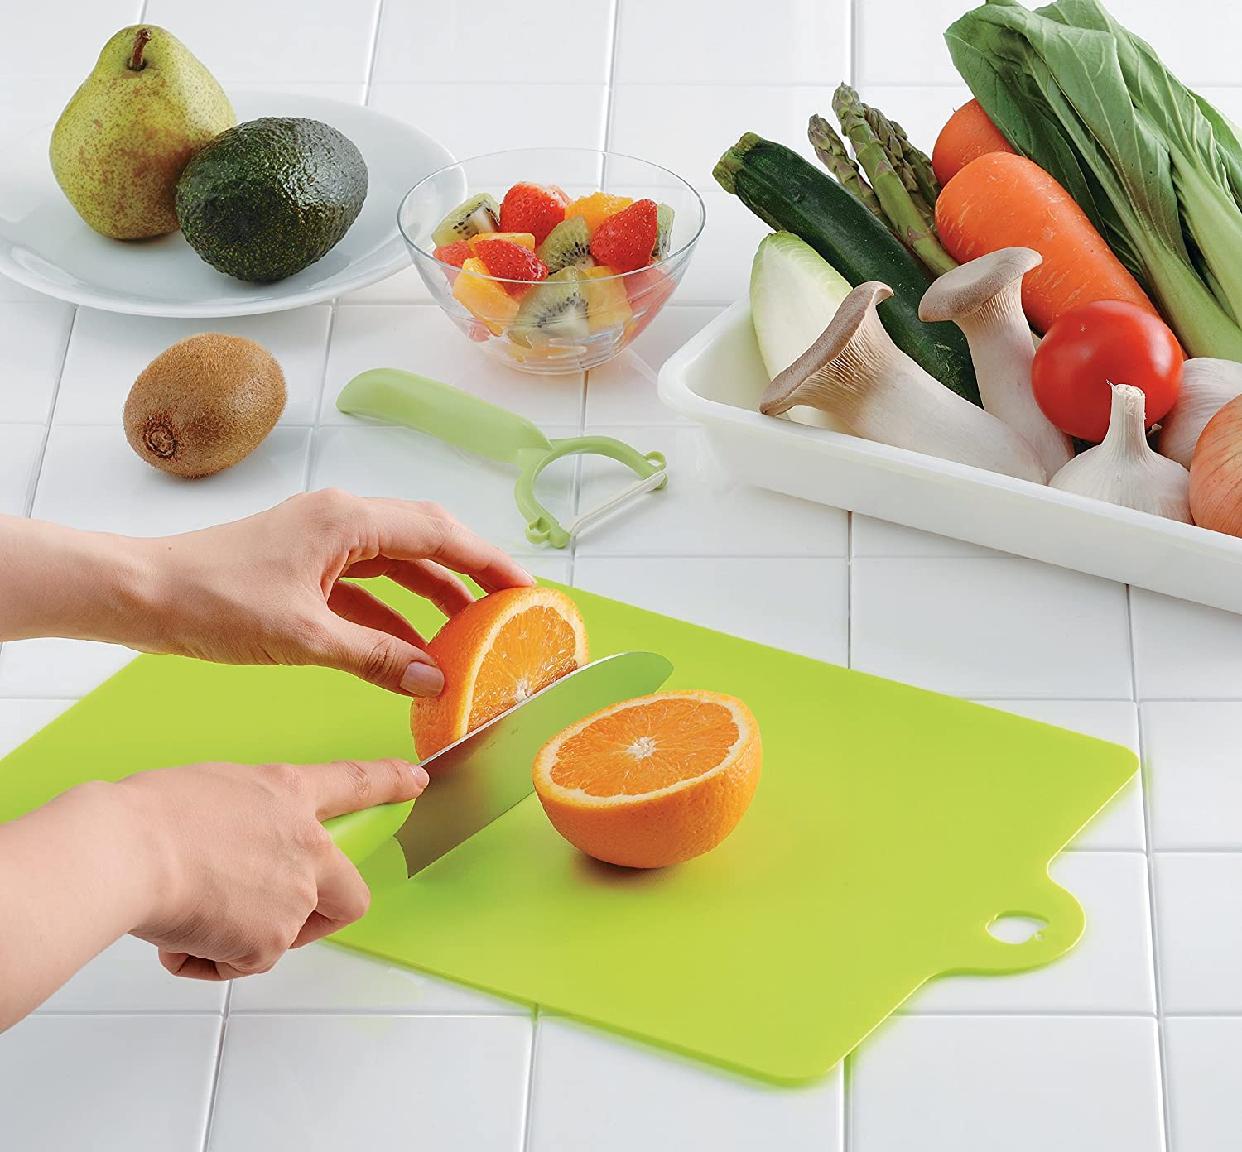 イノマタ化学(inomata) 使い分けシートまな板の商品画像4